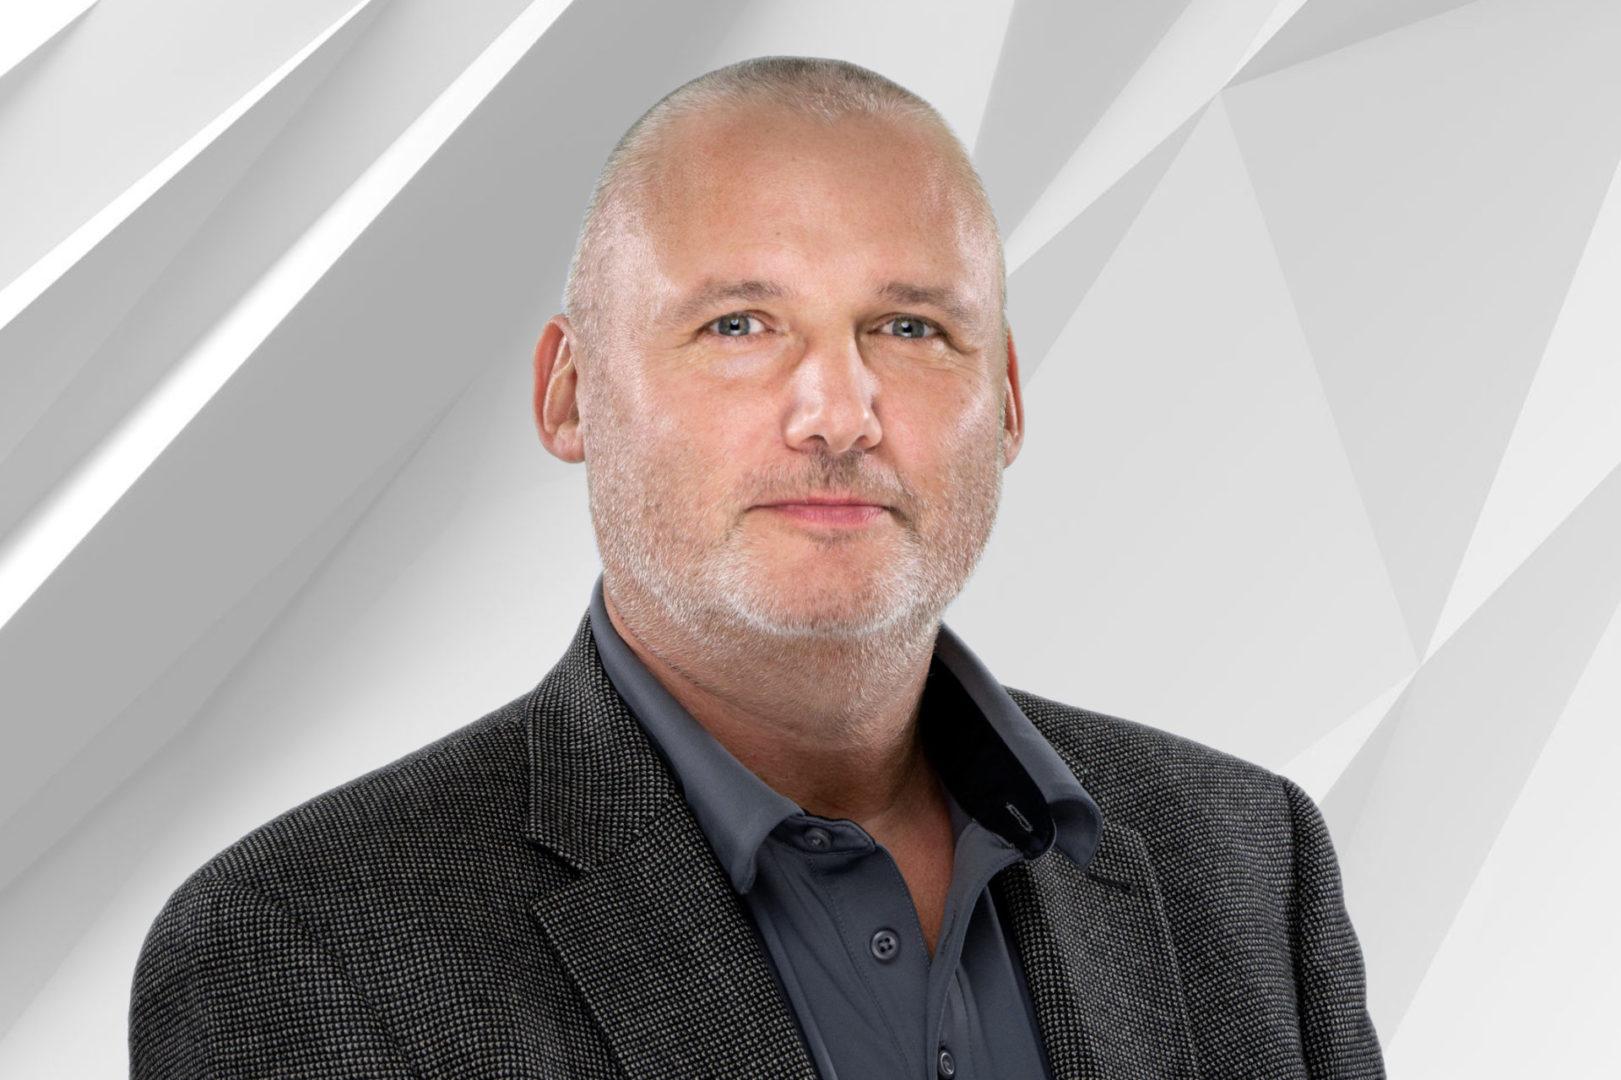 Joerg Theis